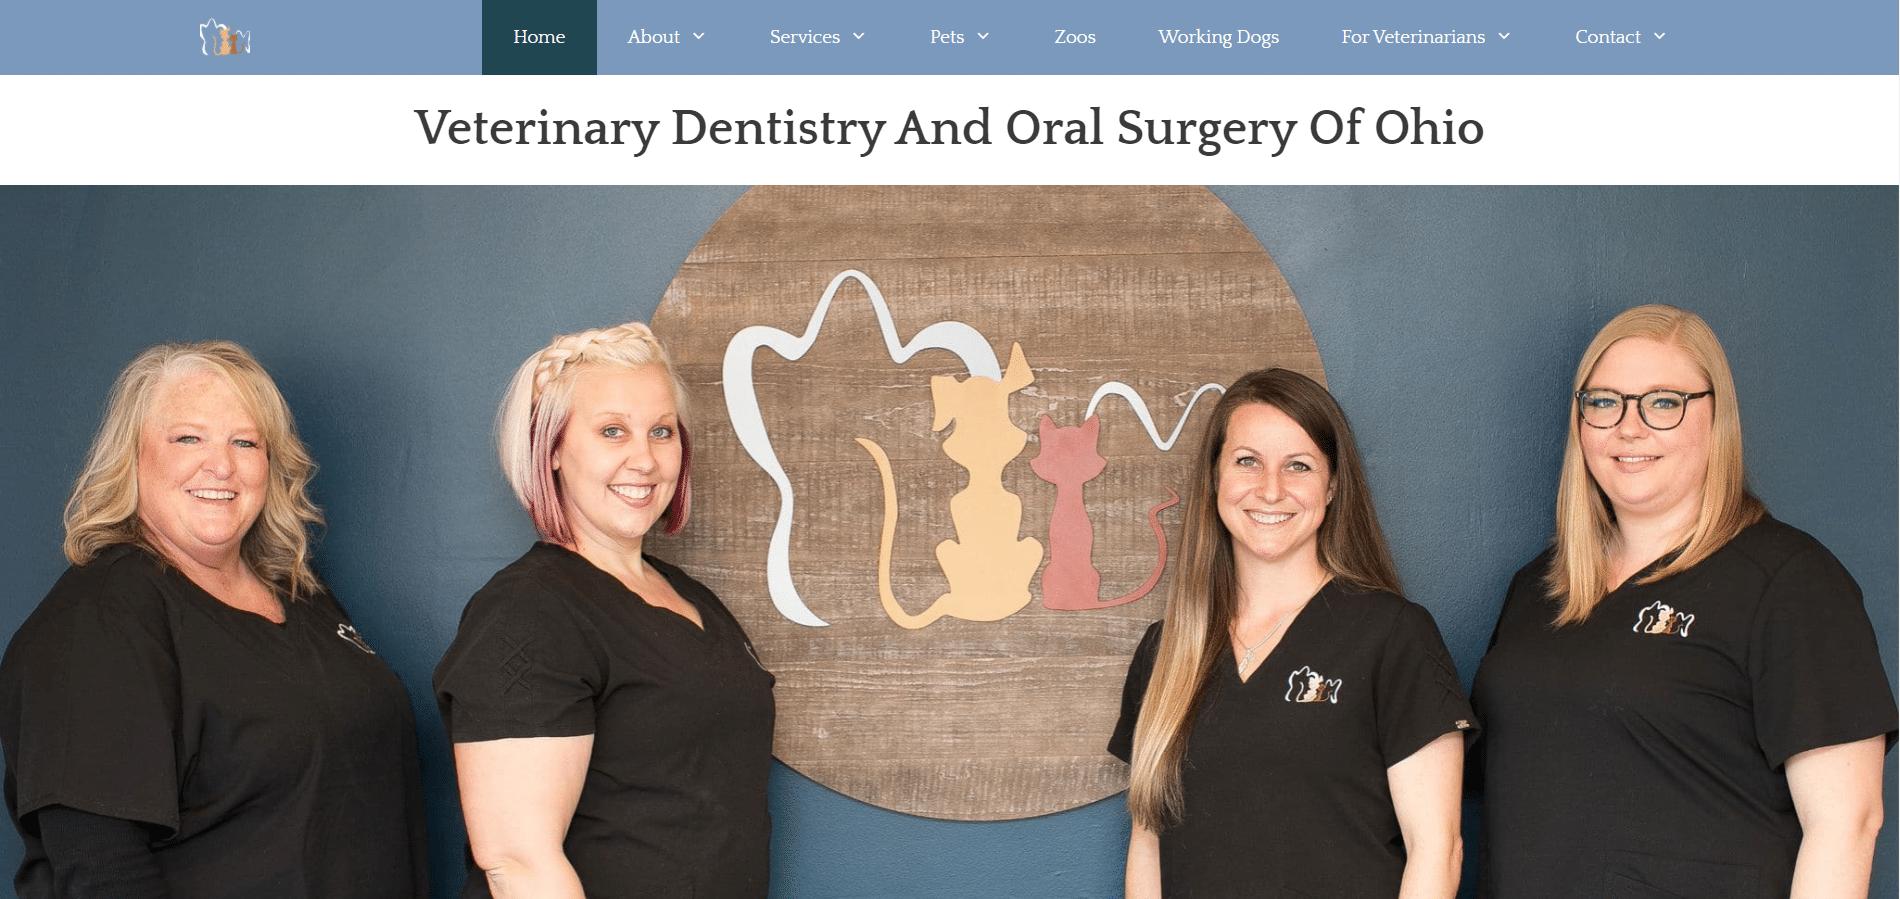 Vet Dentist